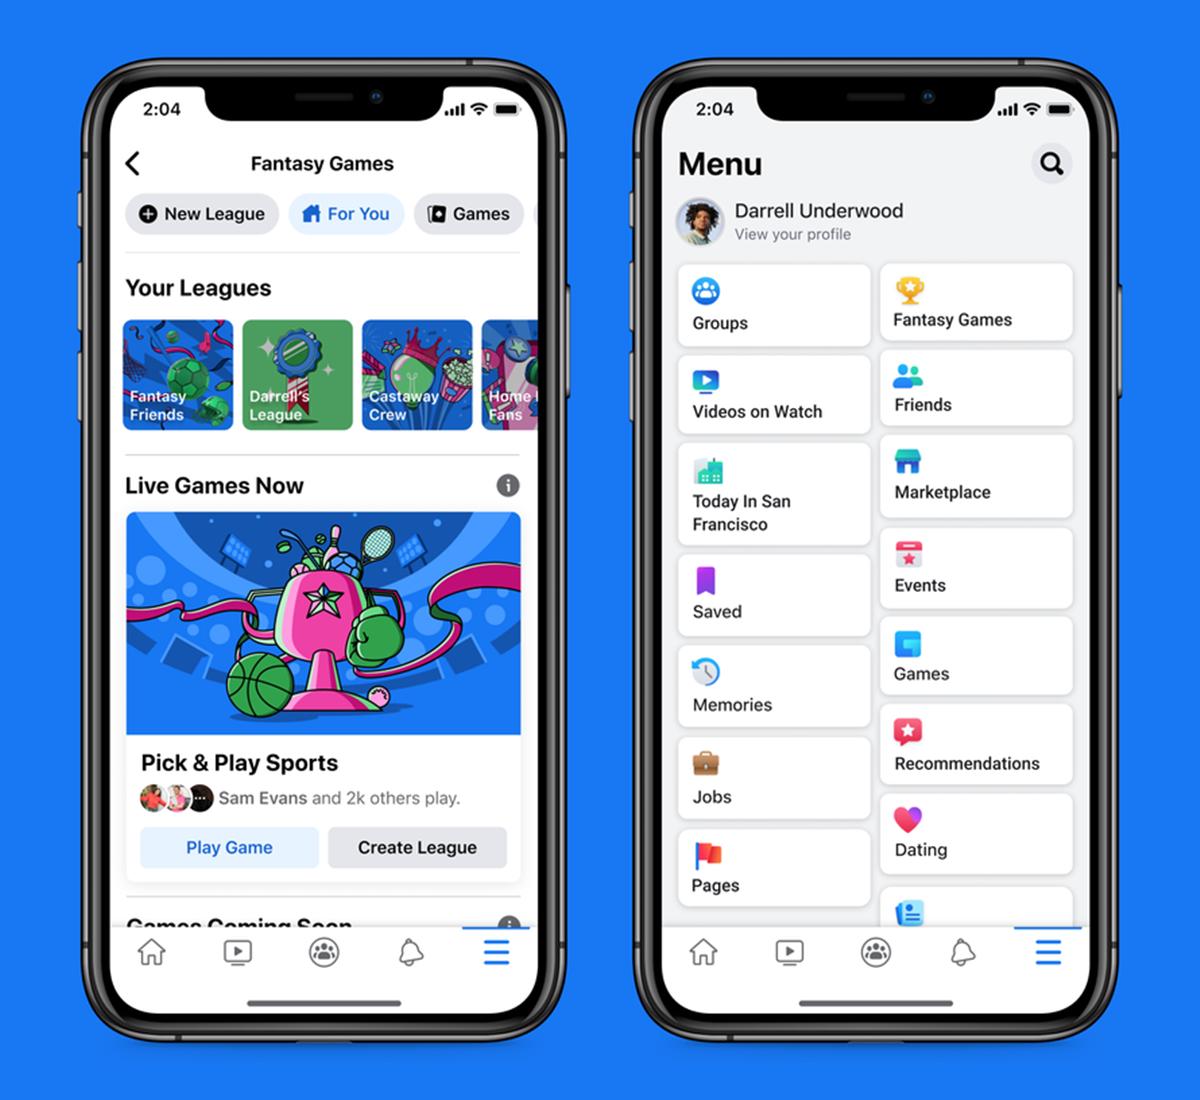 Facebook entra nel mercato dei giochi fantasy